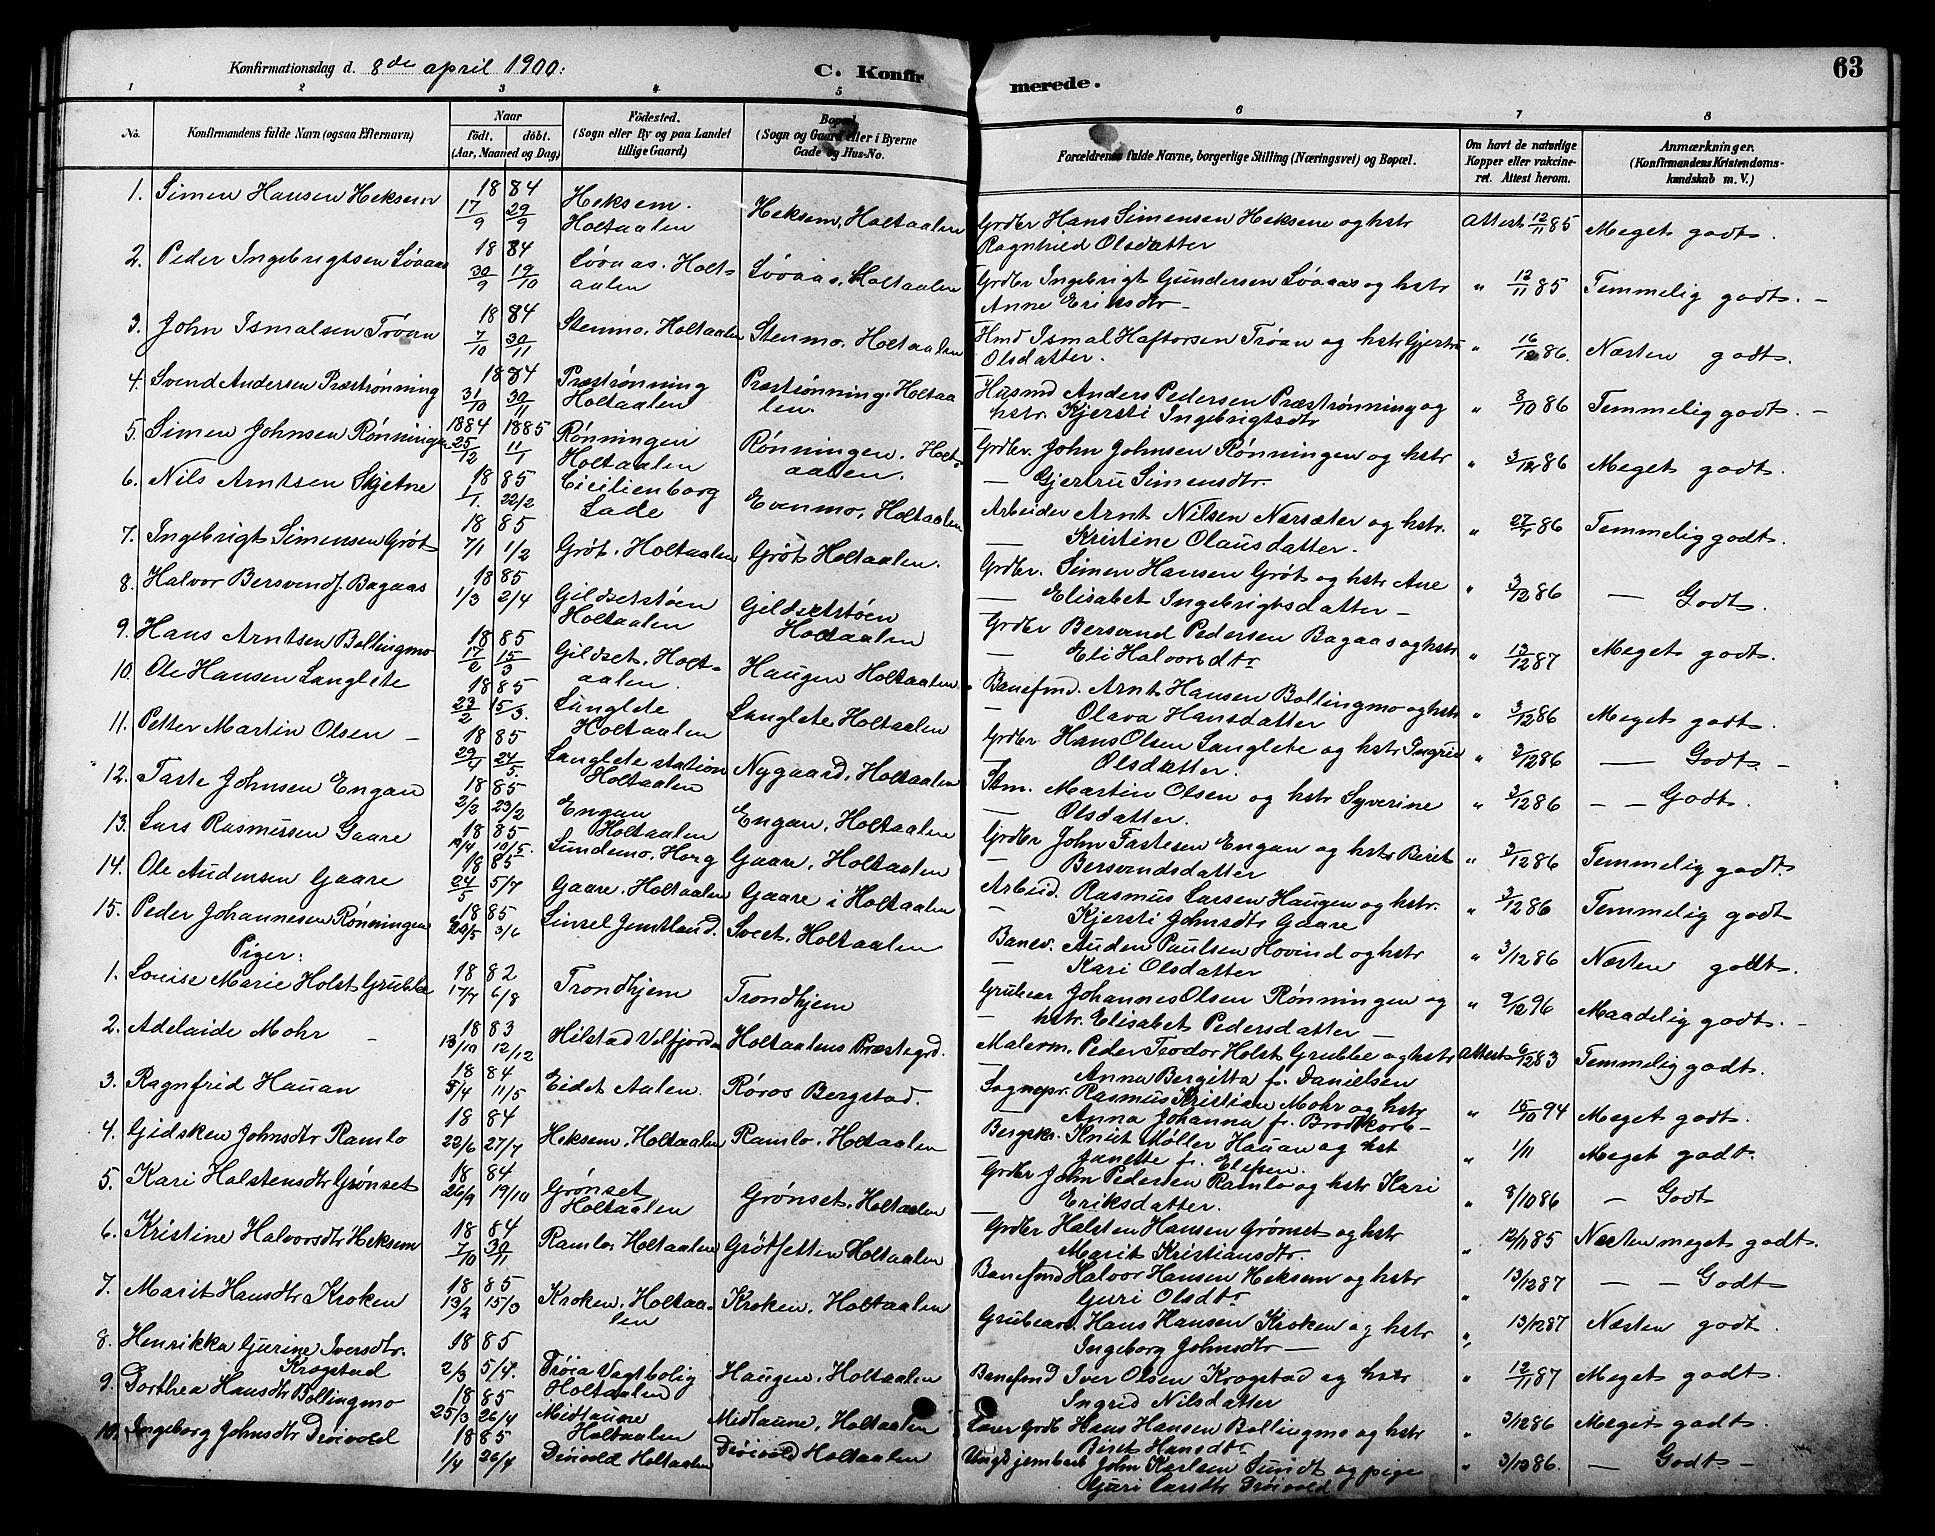 SAT, Ministerialprotokoller, klokkerbøker og fødselsregistre - Sør-Trøndelag, 685/L0978: Klokkerbok nr. 685C03, 1891-1907, s. 63